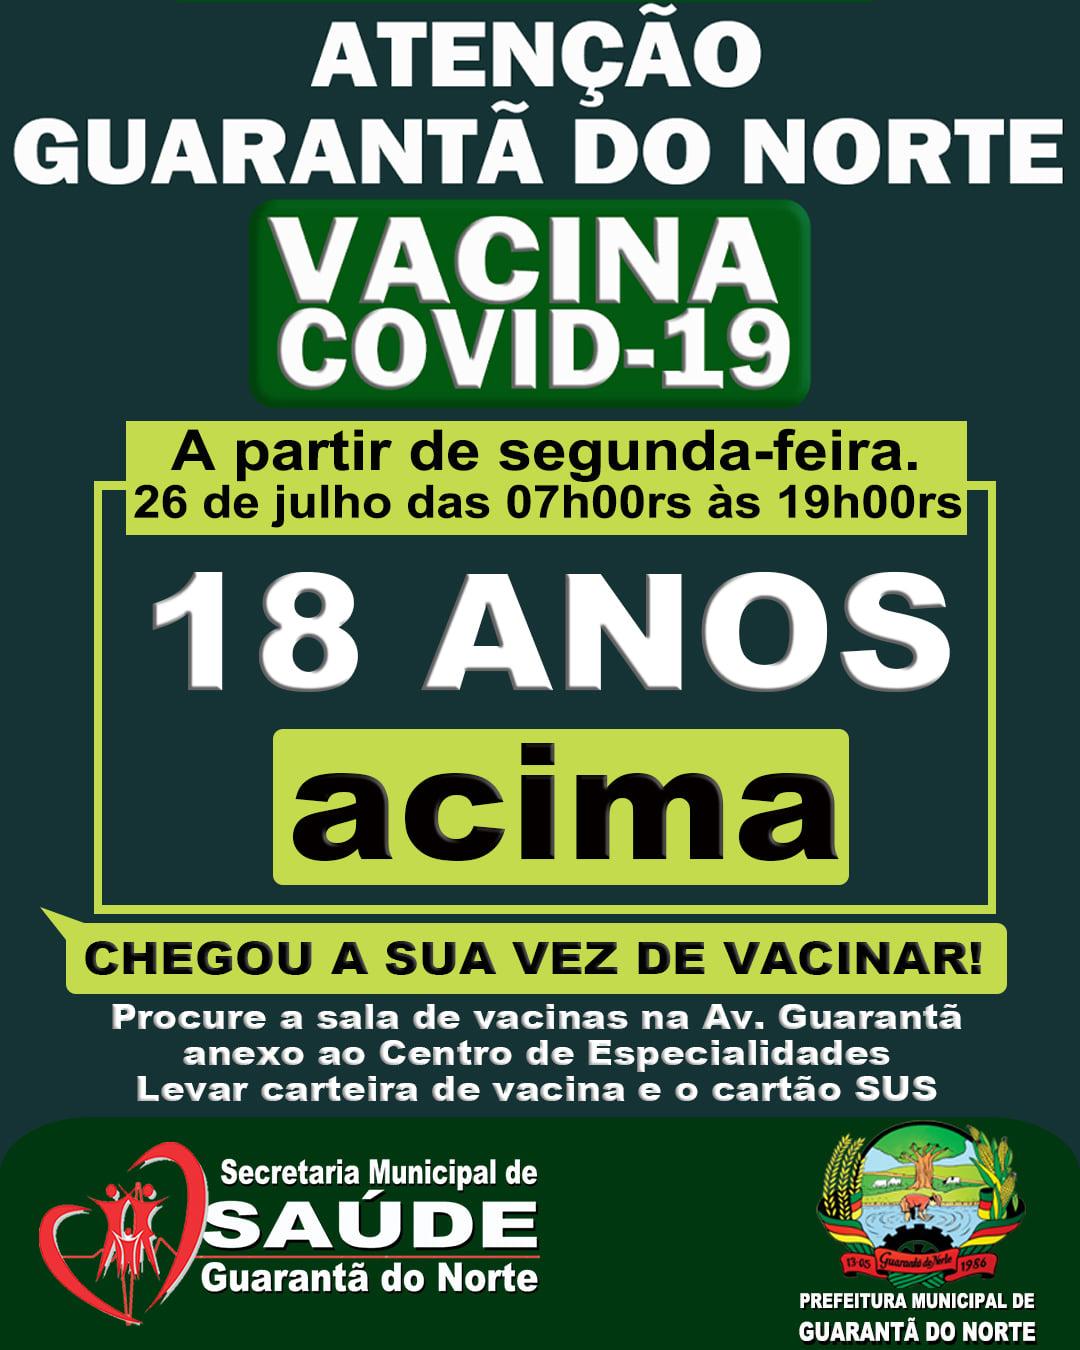 Começa na próxima segunda a vacinação contra Covid-19 para pessoas com 18 anos em Guarantã